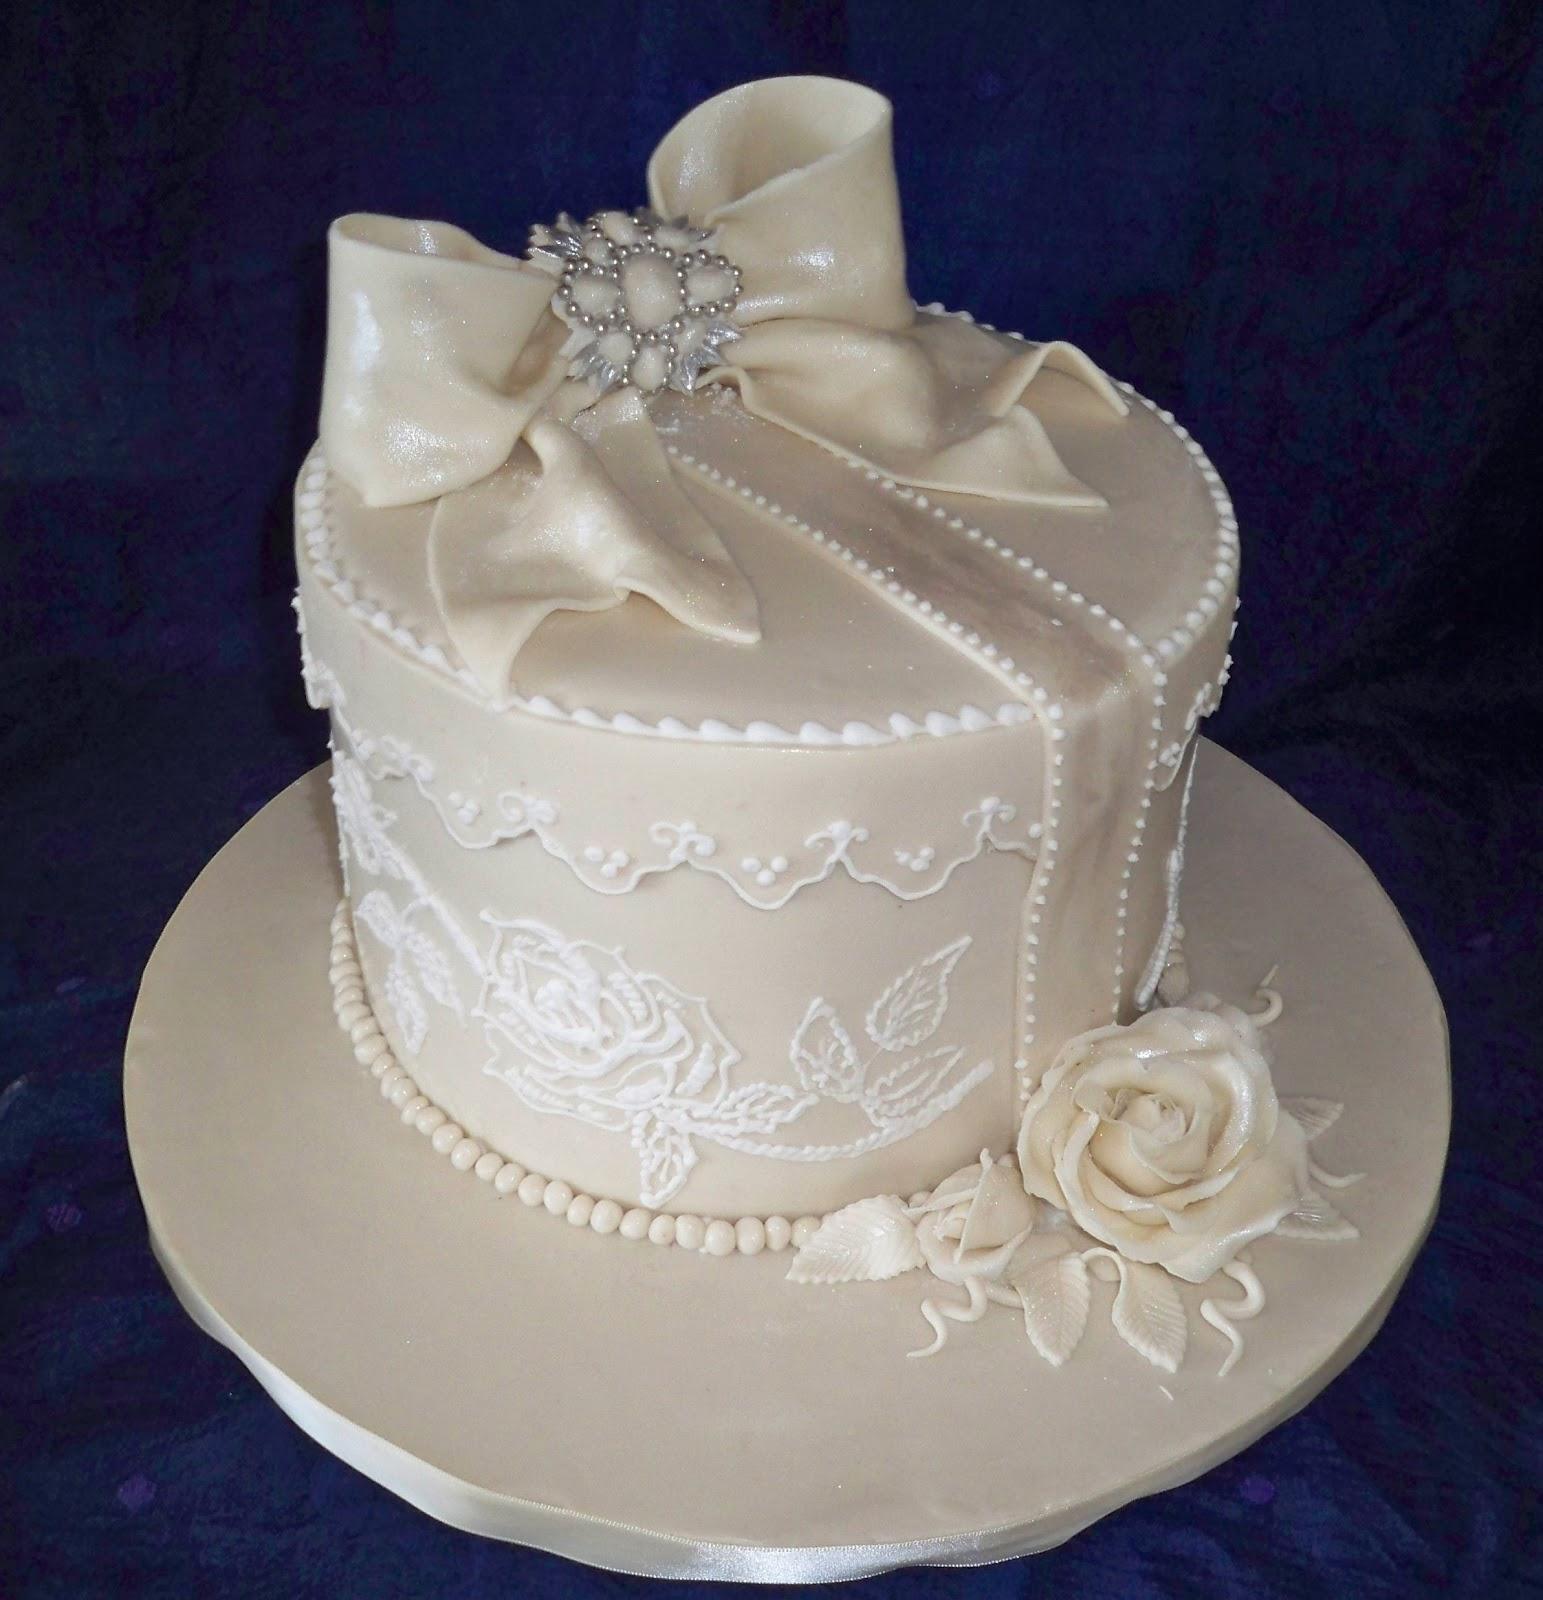 lace brooche and bow vintage style wedding cake  Elisabeths Wedding Cakes